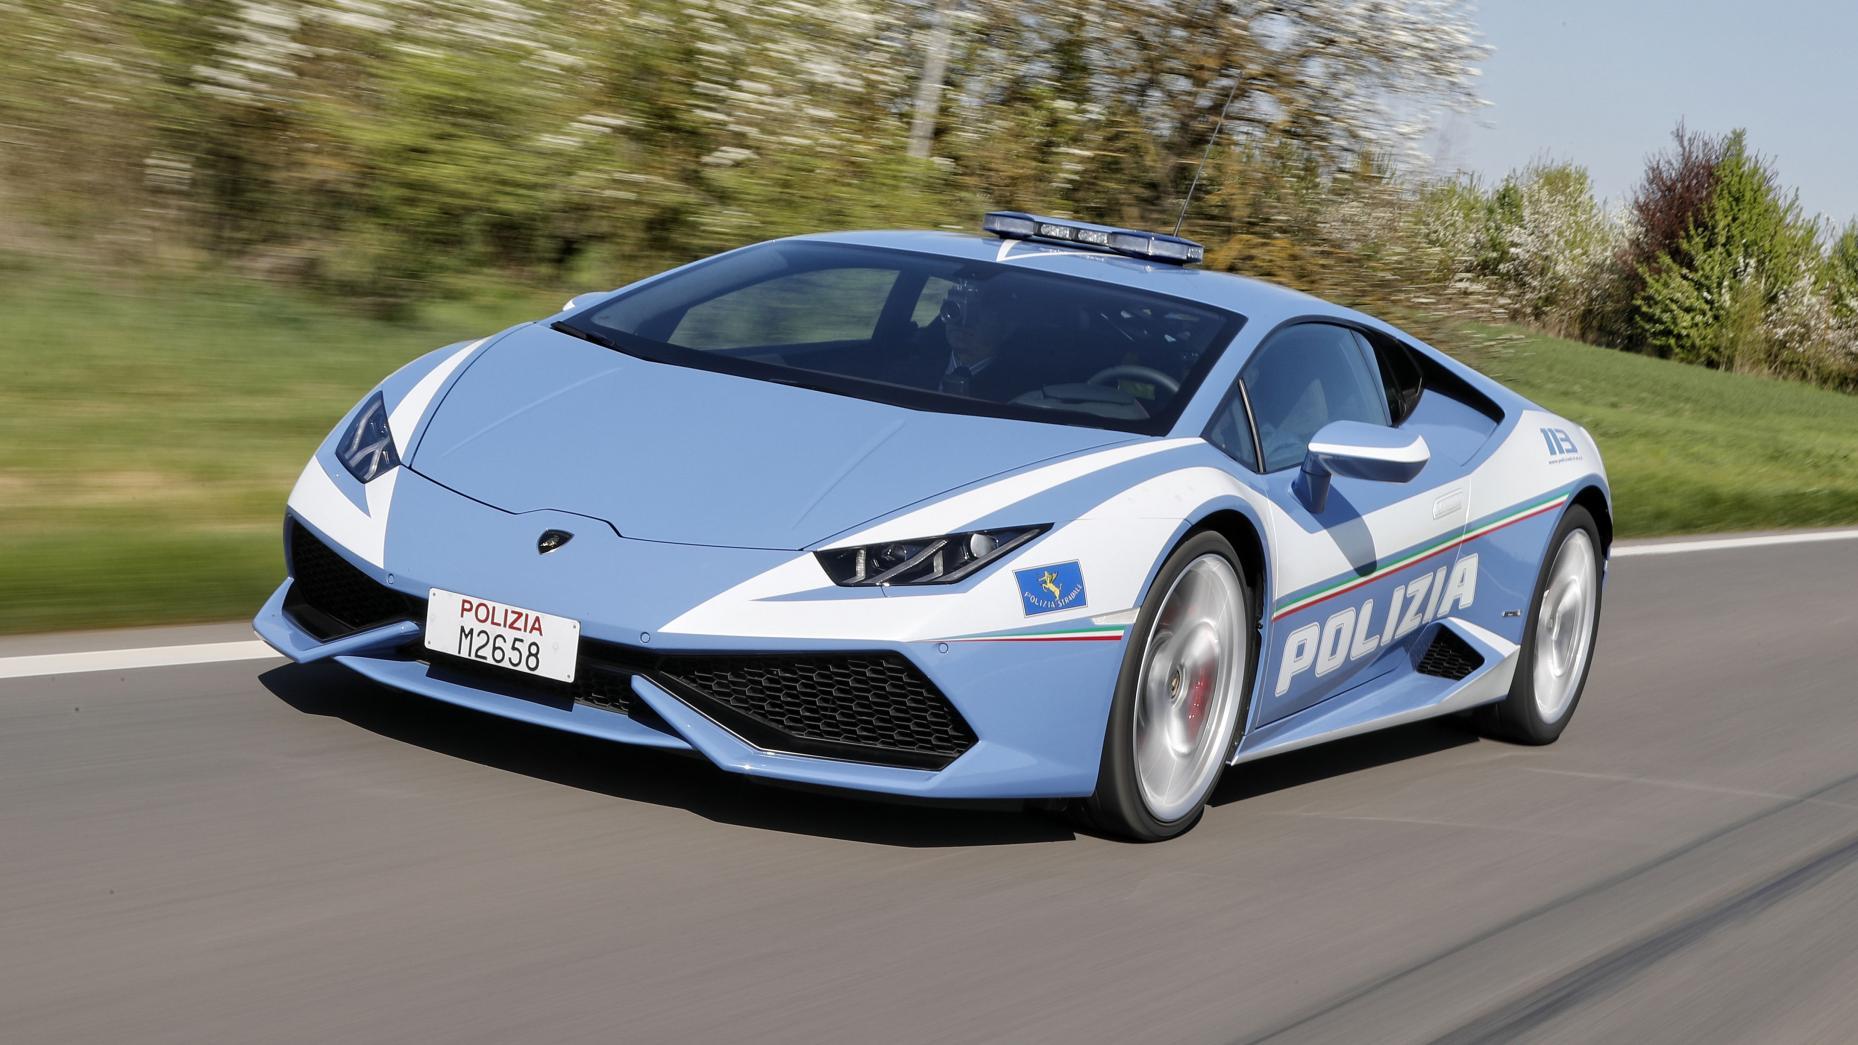 بهترین ماشین پلیسهای جهان (+عکس)